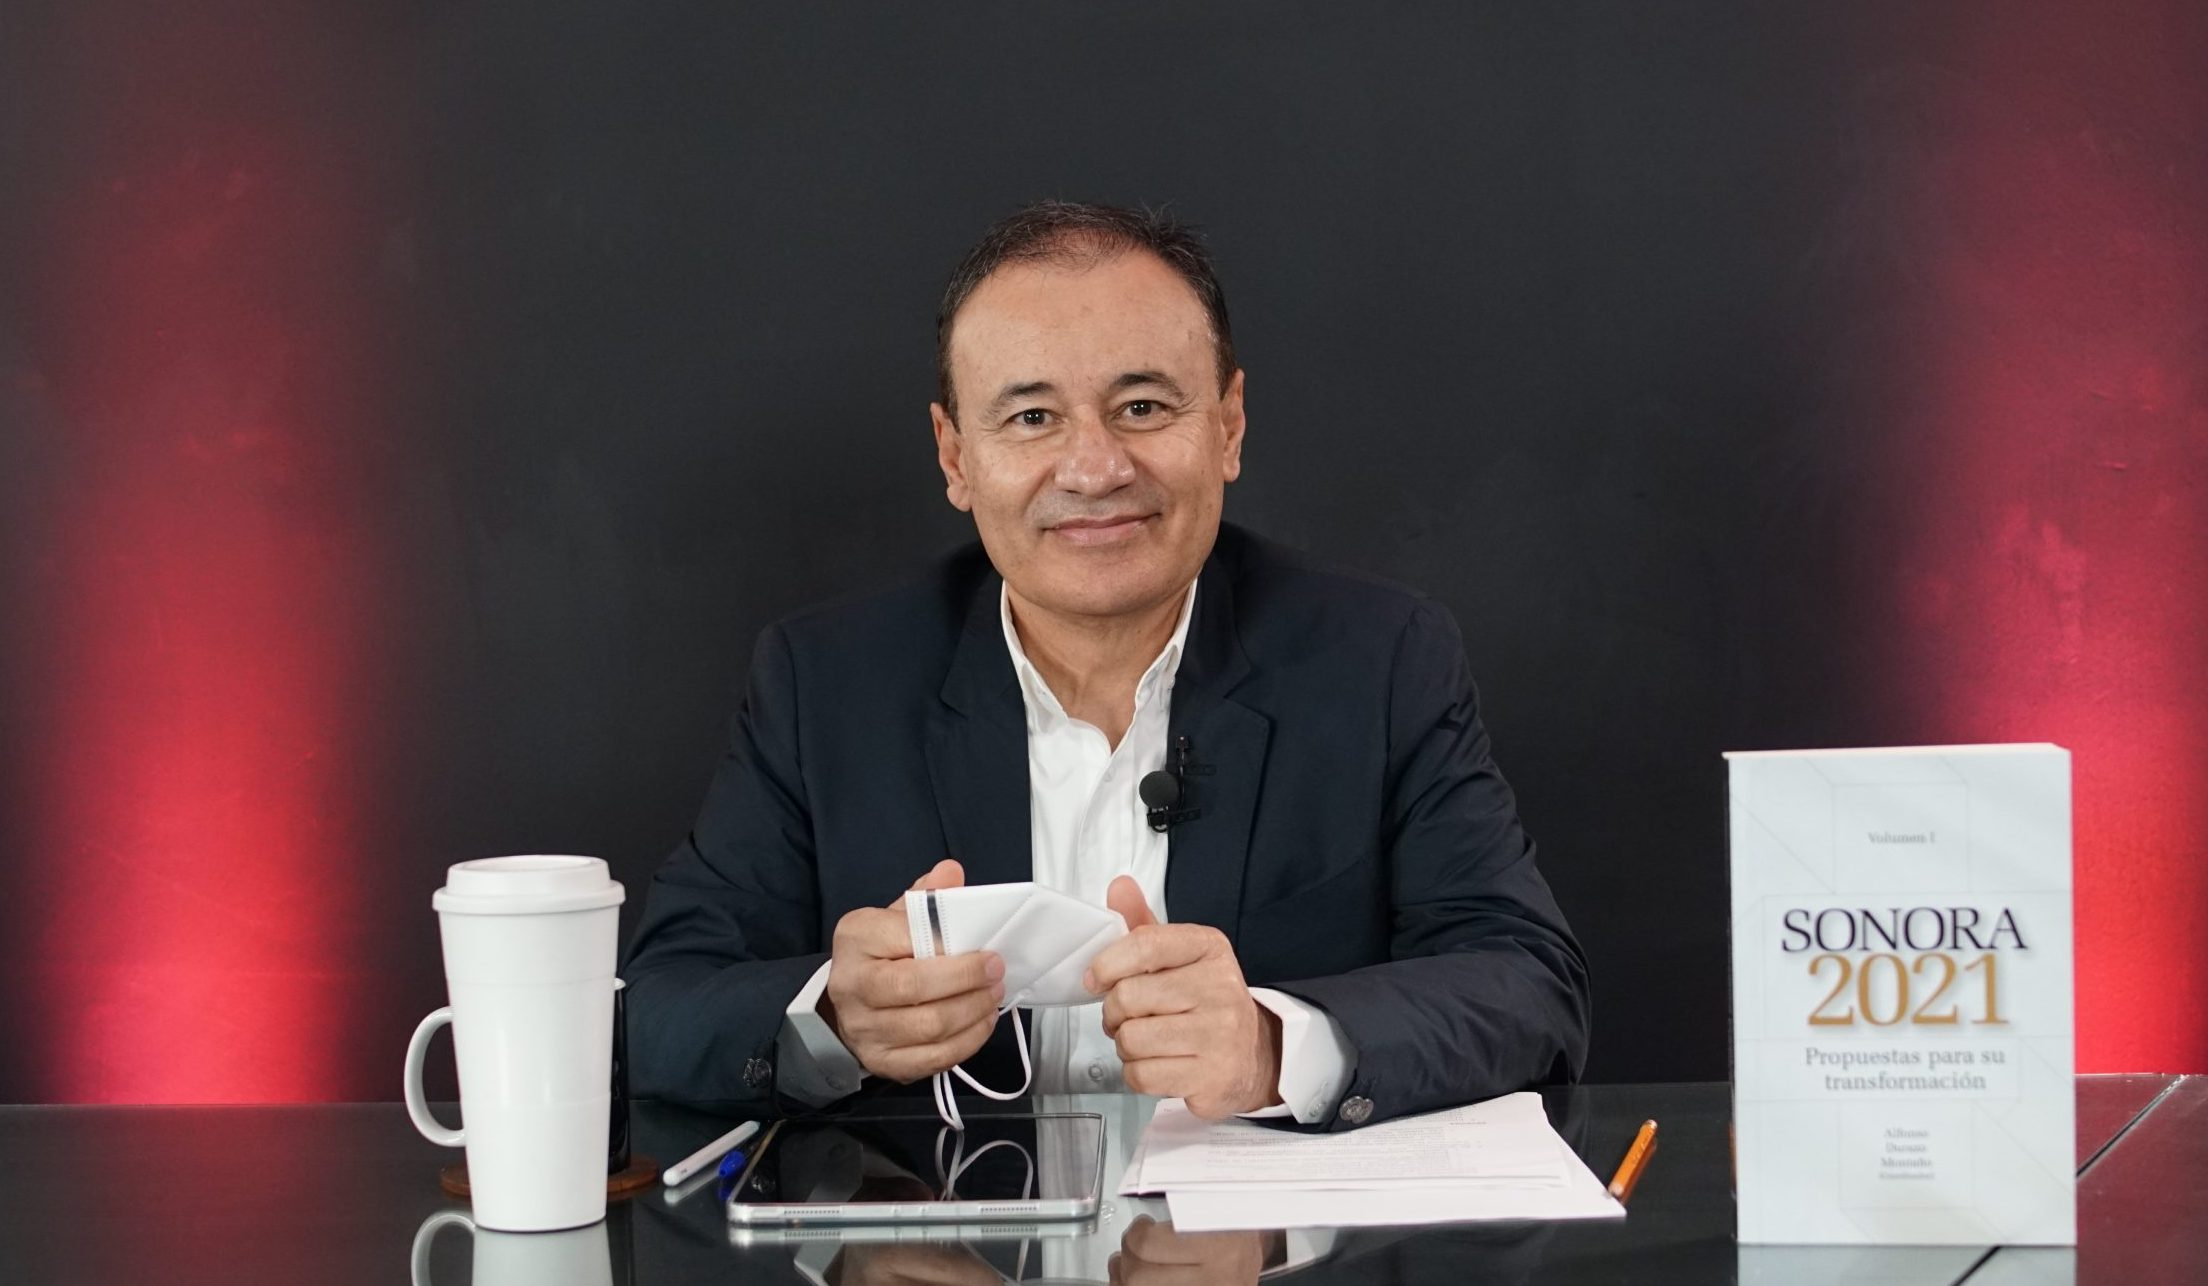 En MORENA hay entusiasmo rumbo a Palacio de Gobierno, no optimismo irresponsable:  Alfonso Durazo